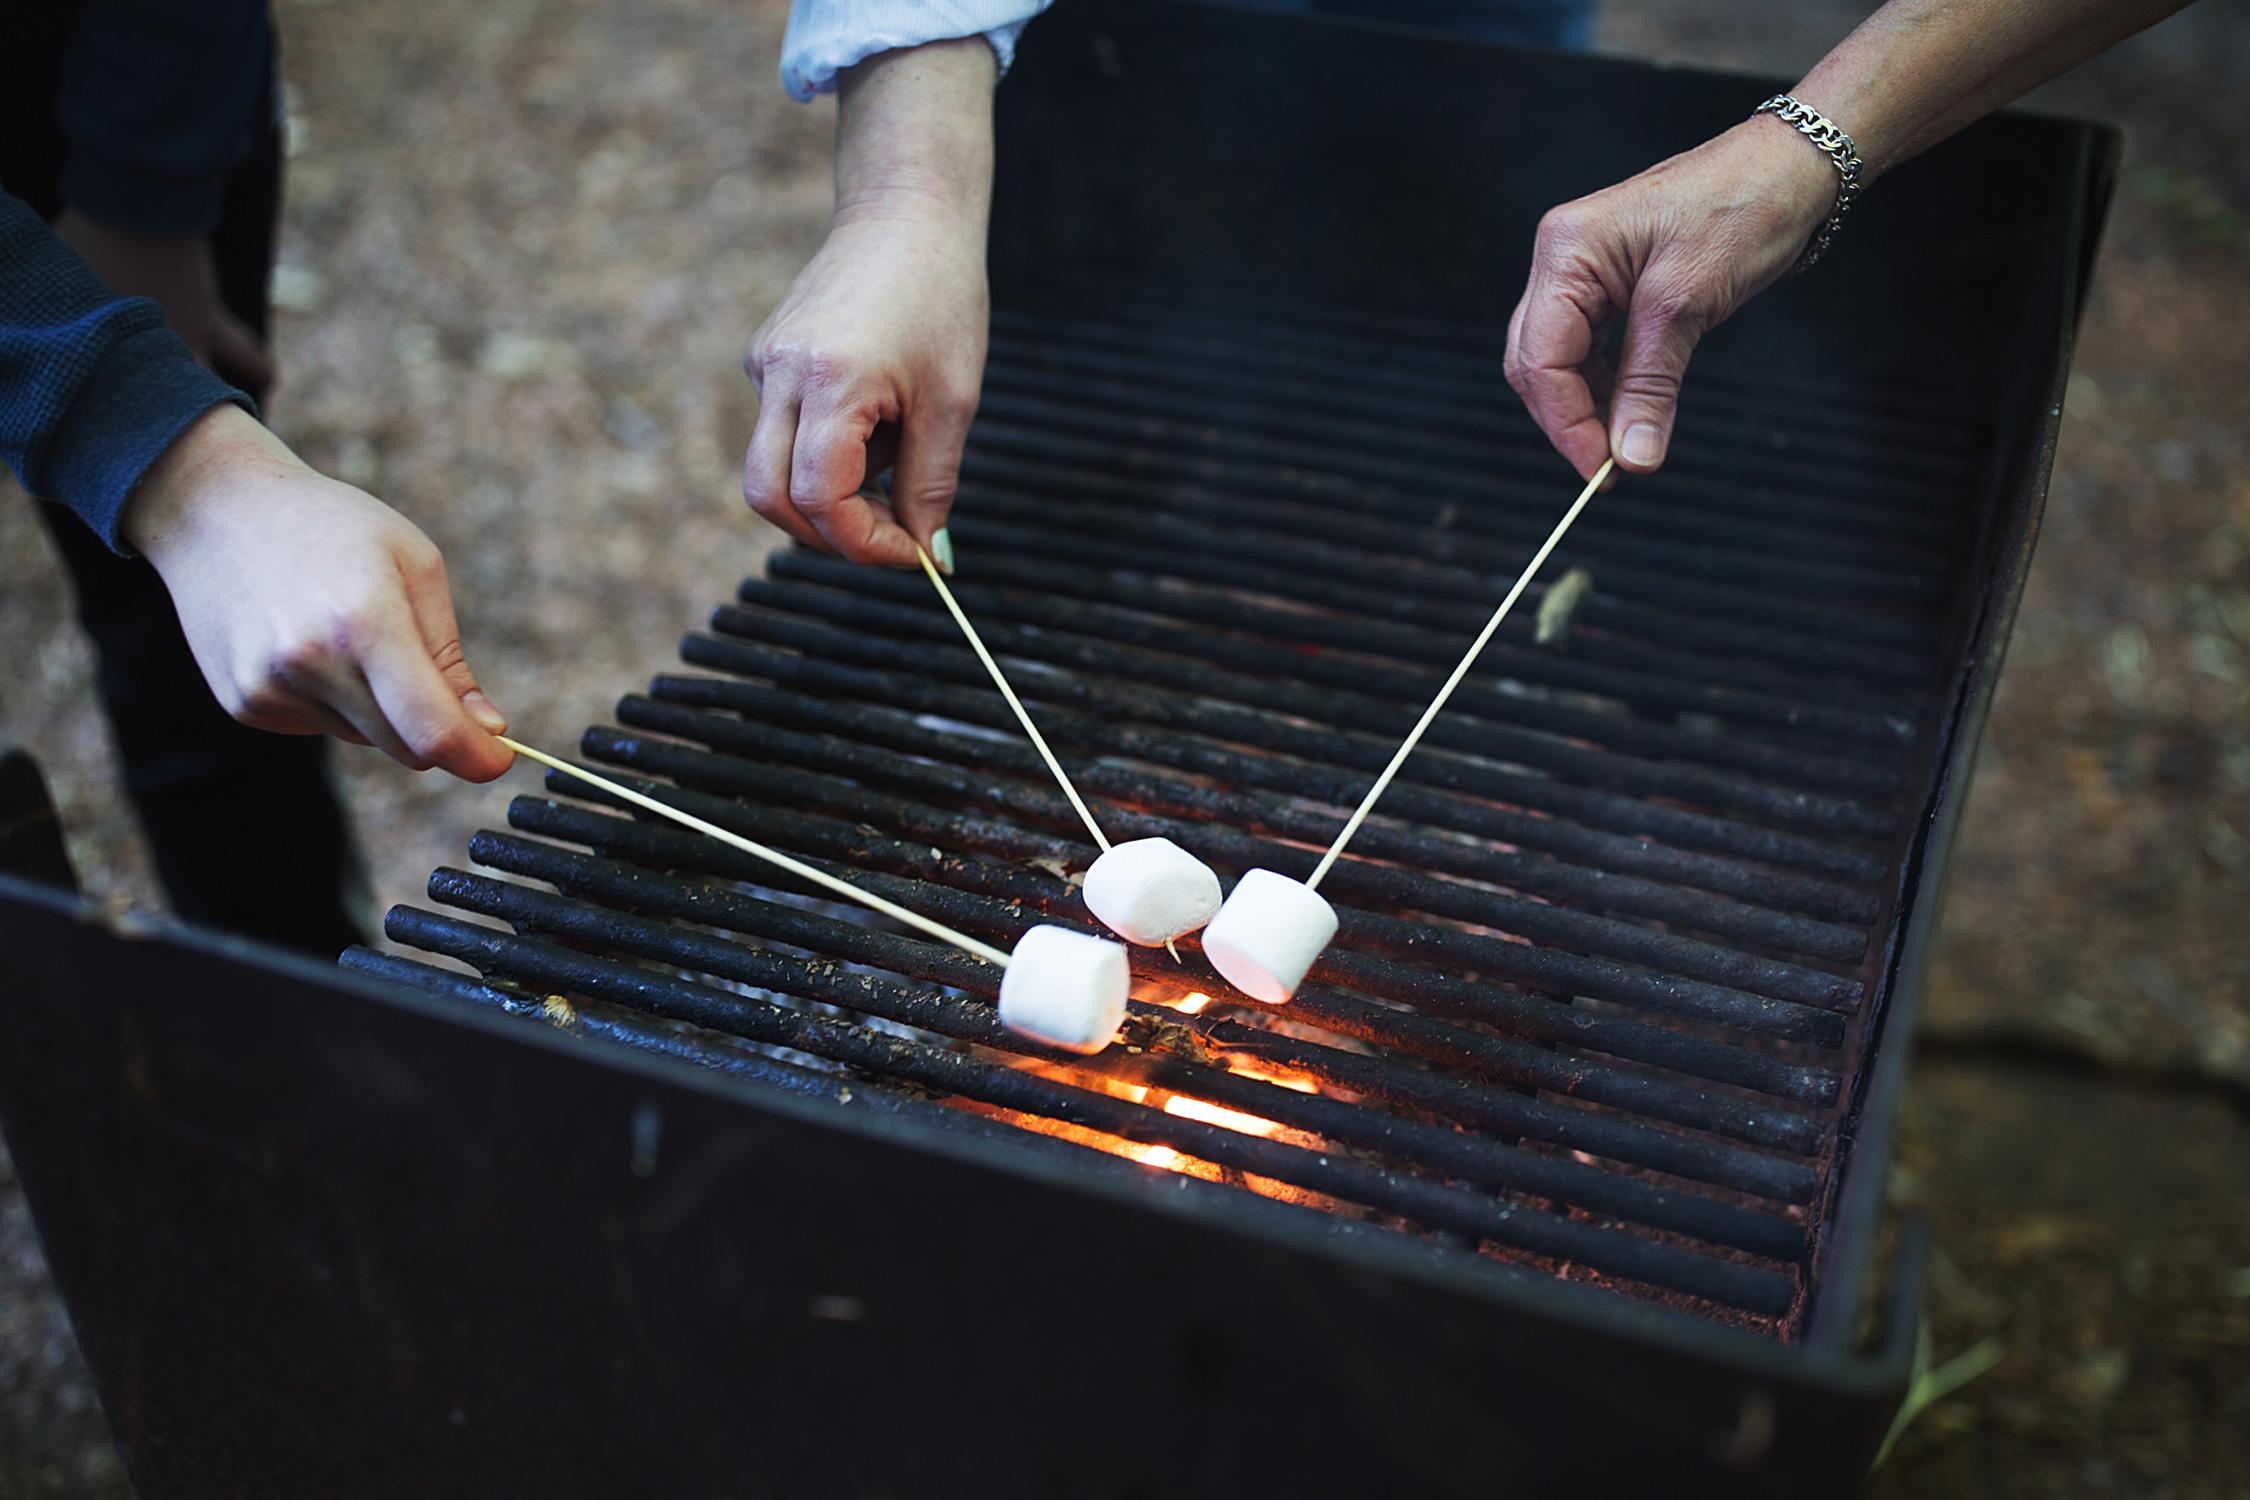 skumfiduser-paa-grill